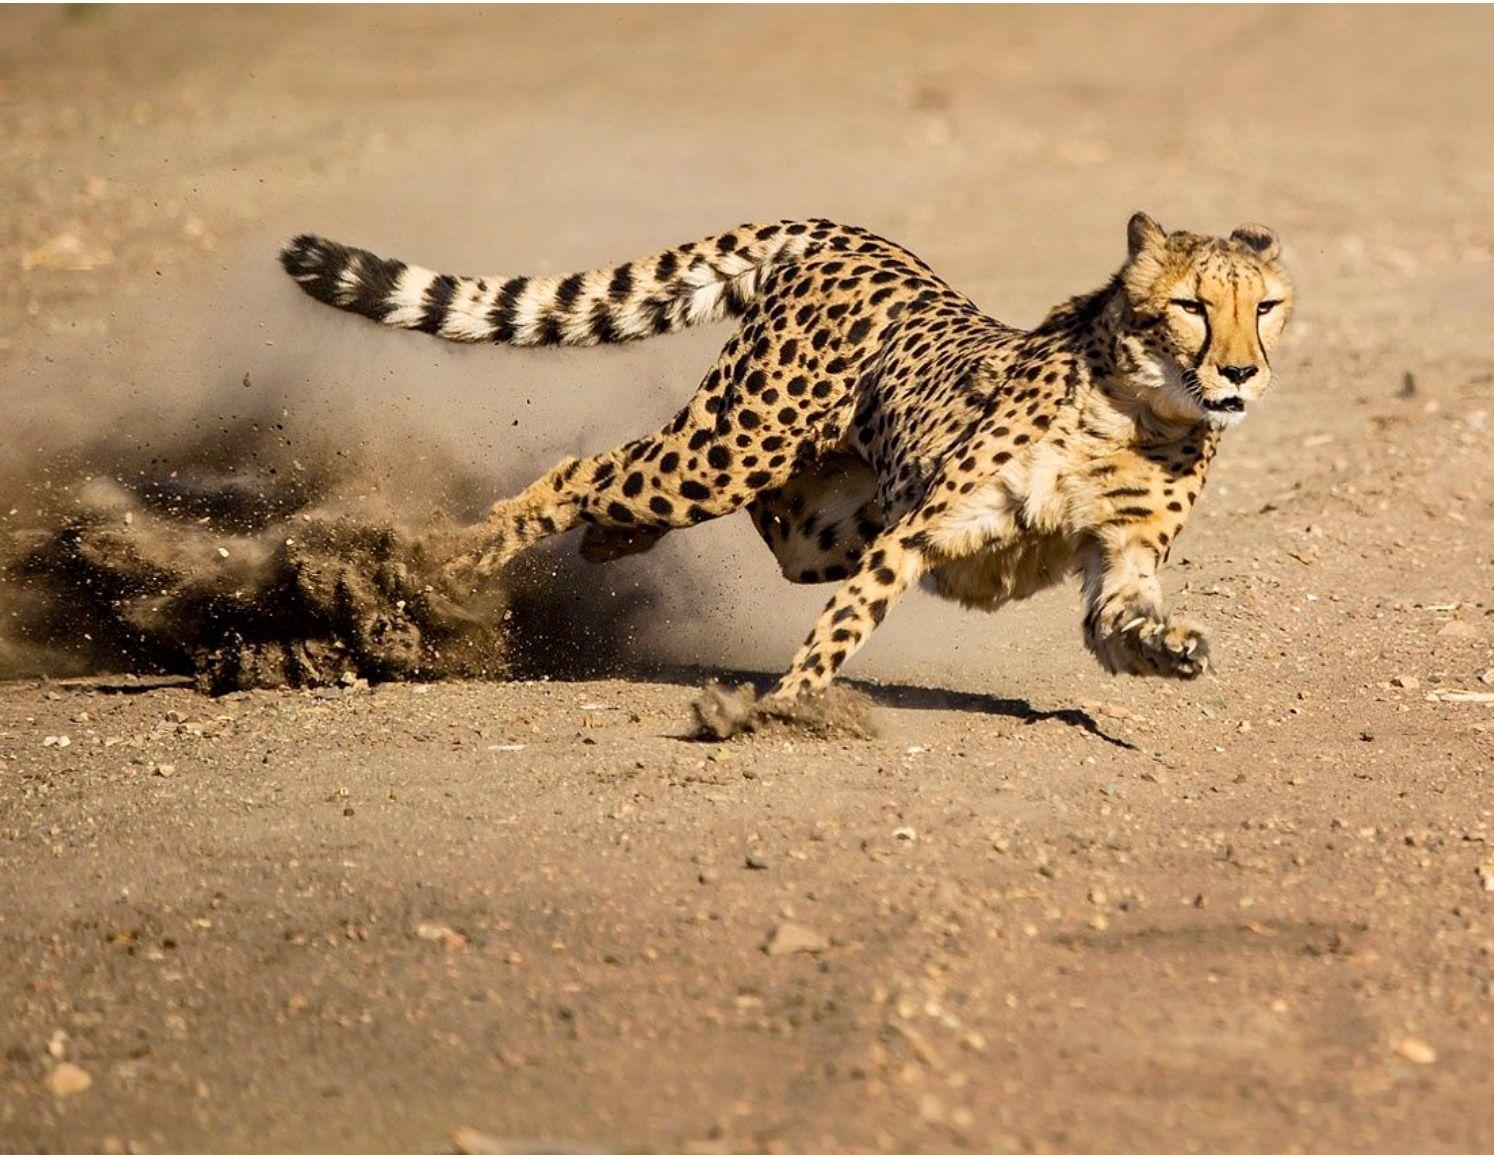 Резултат со слика за cheetah running